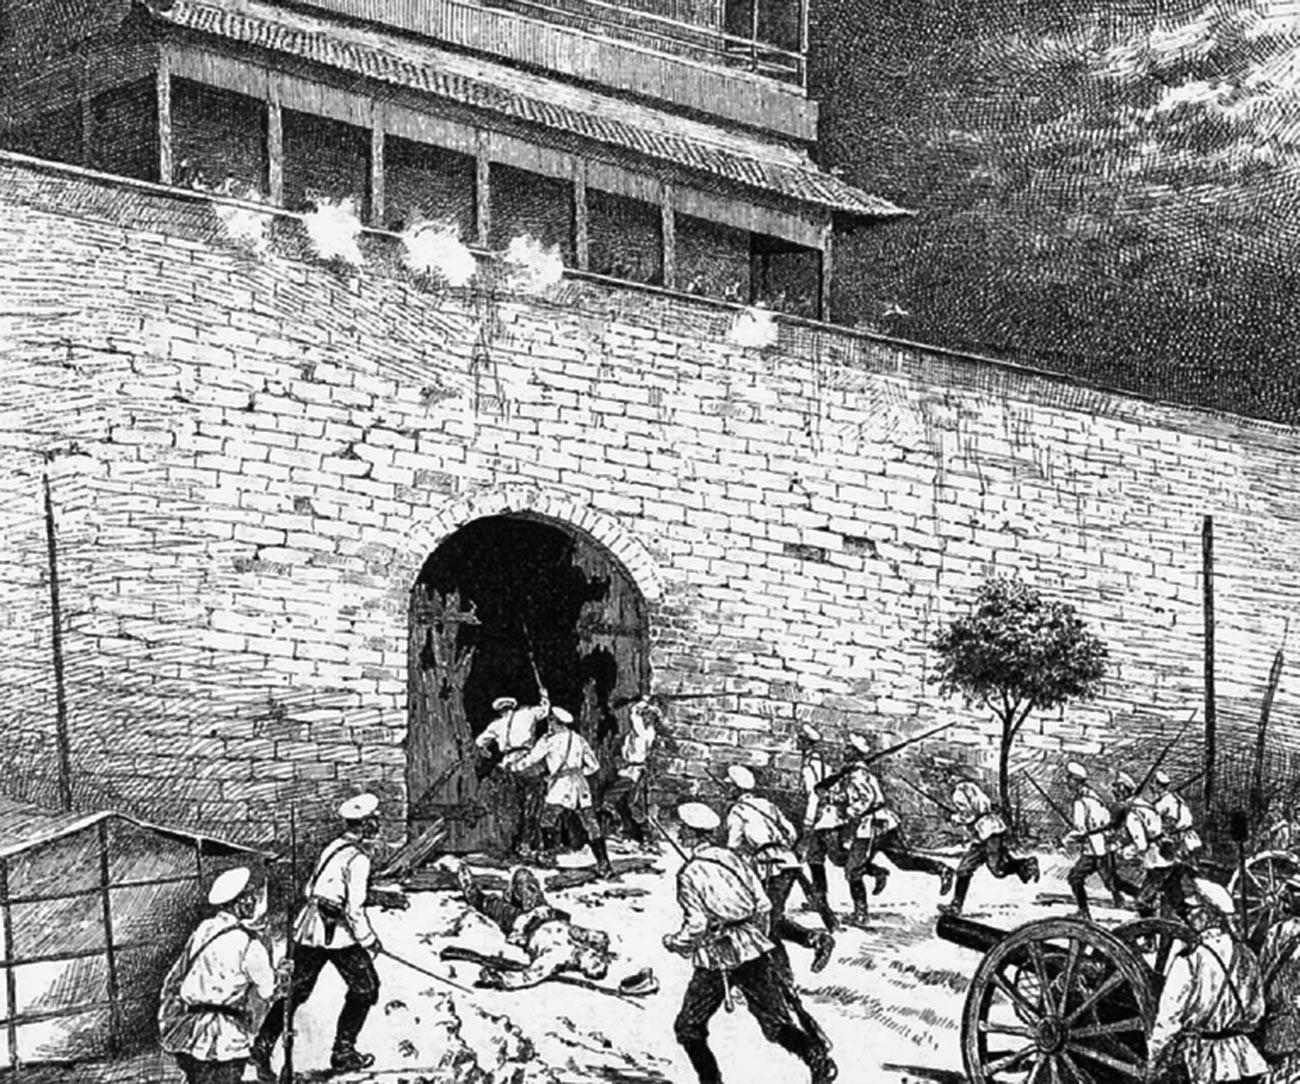 Tropas russas atacam o Portão Dongbianmen.